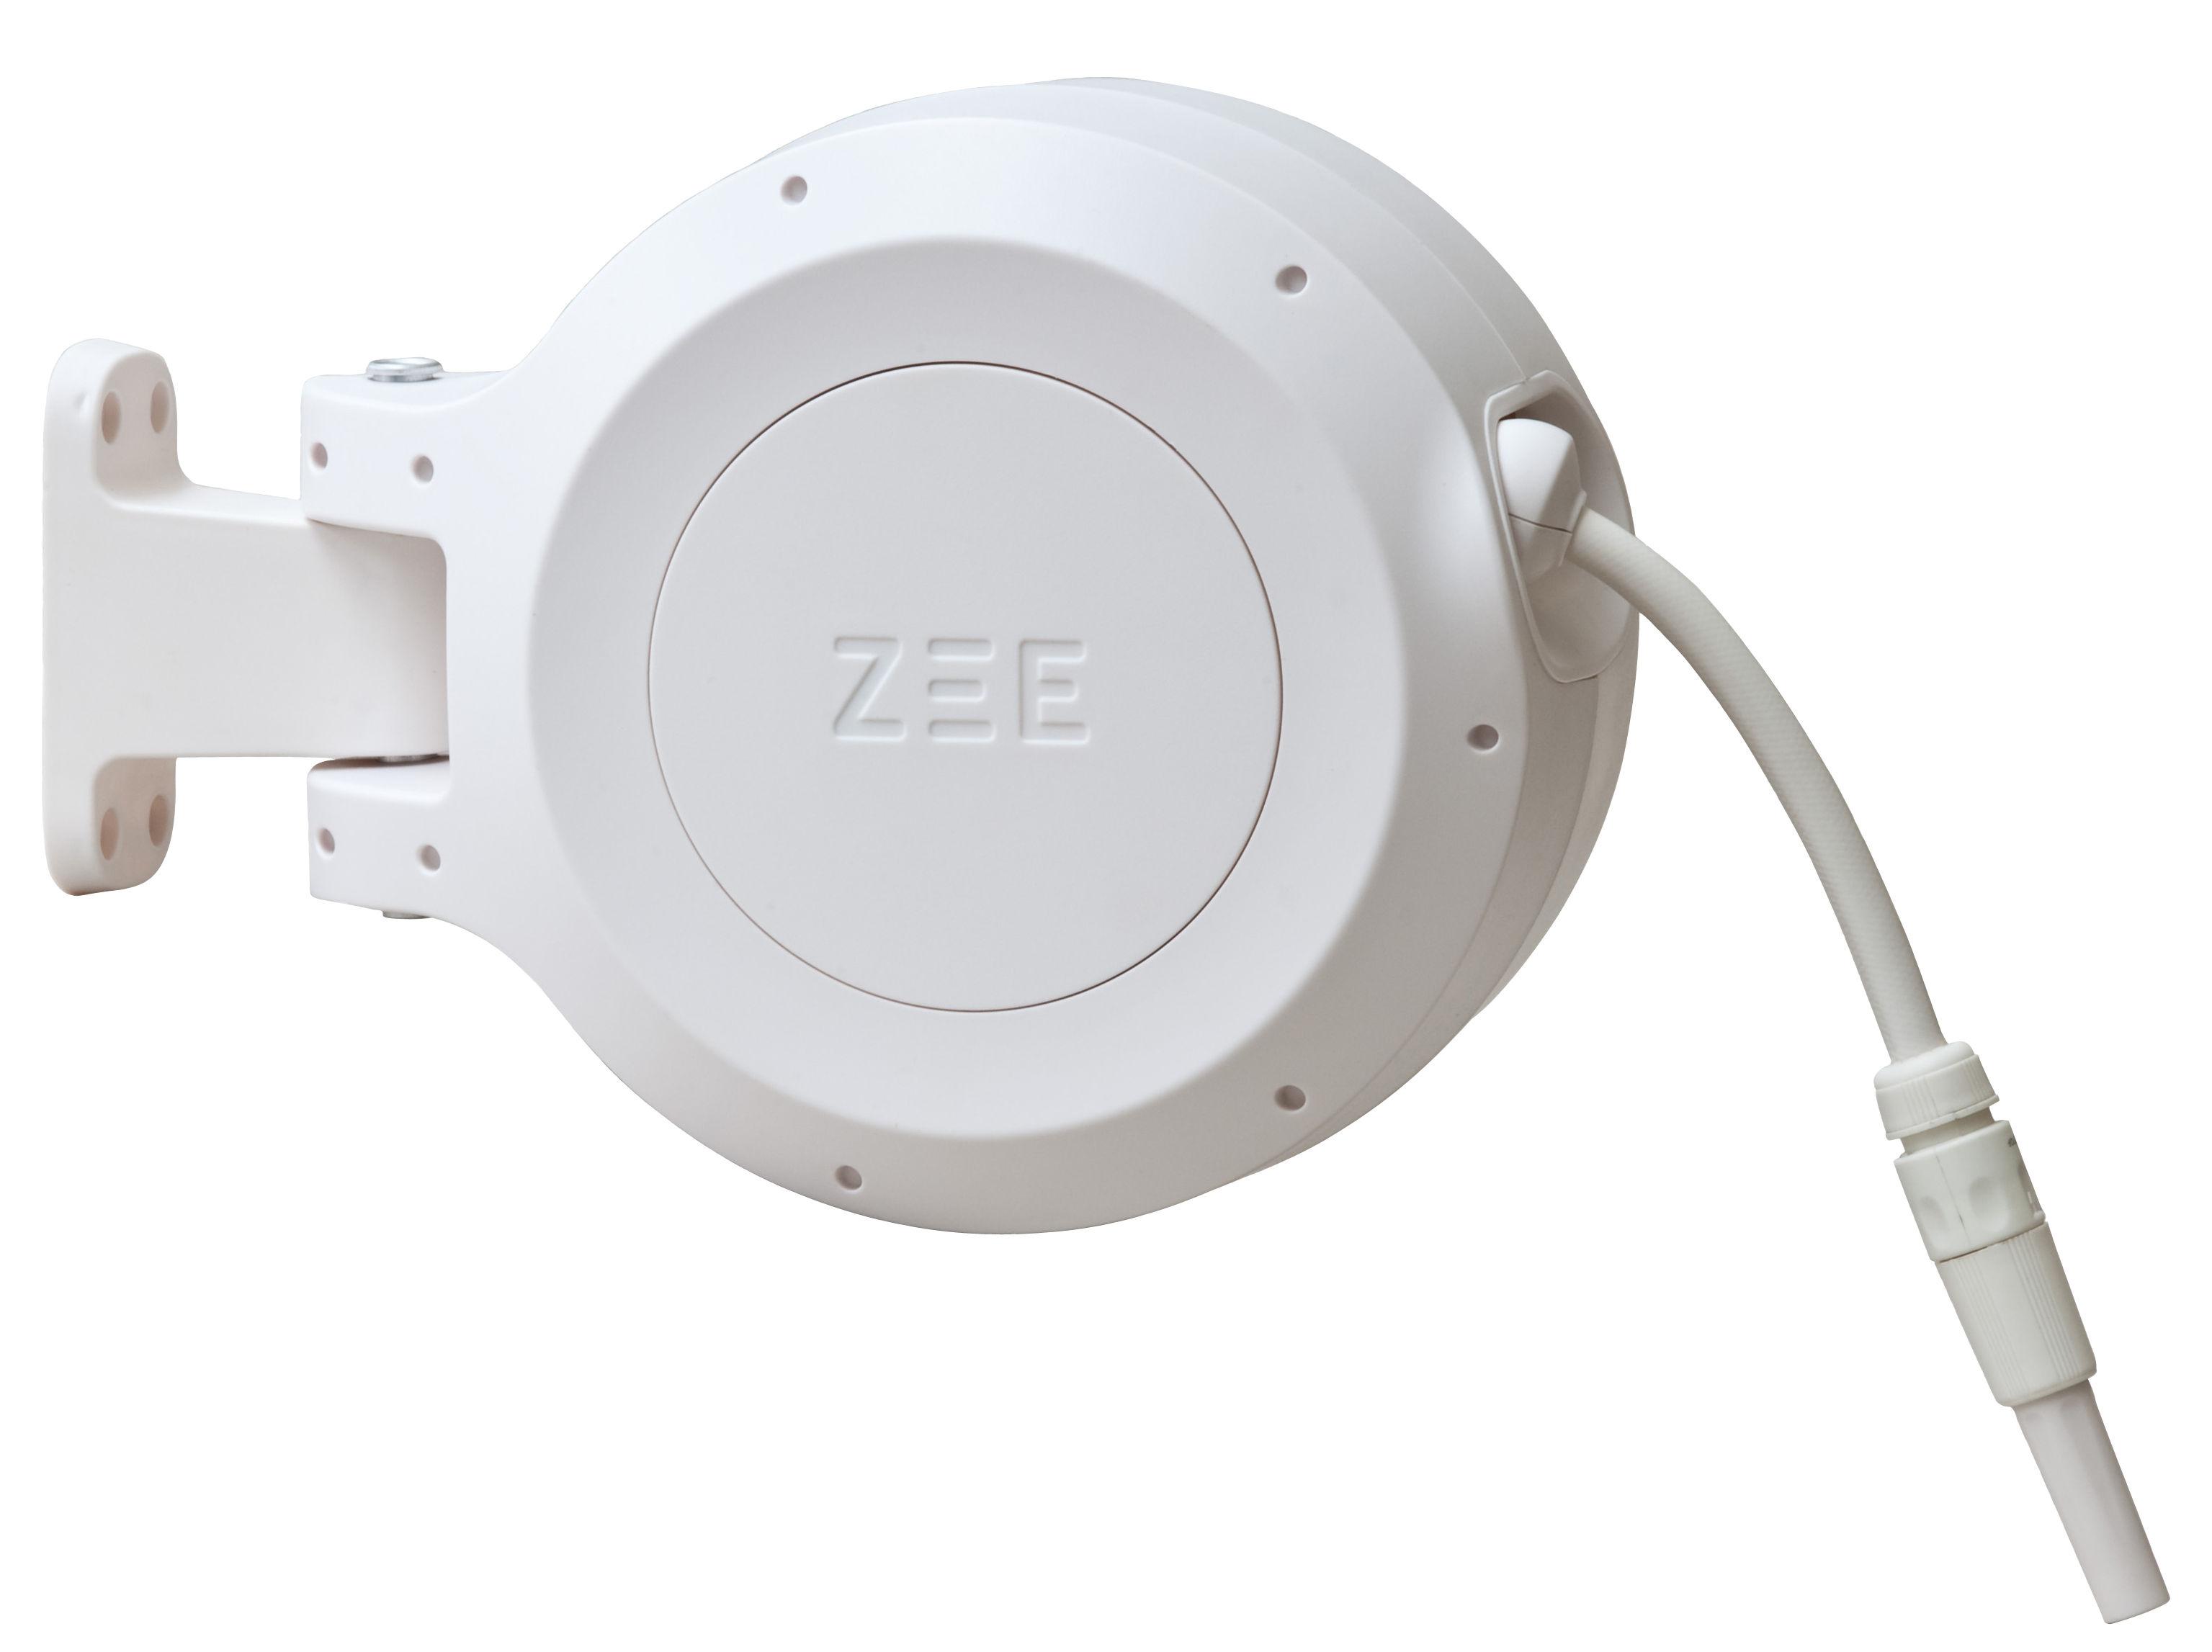 Jardin - Pots et plantes - Tuyau d'arrosage Mirtoon 10m / Enrouleur automatique - Pistolet offert - Zee - Blanc - ABS, PVC